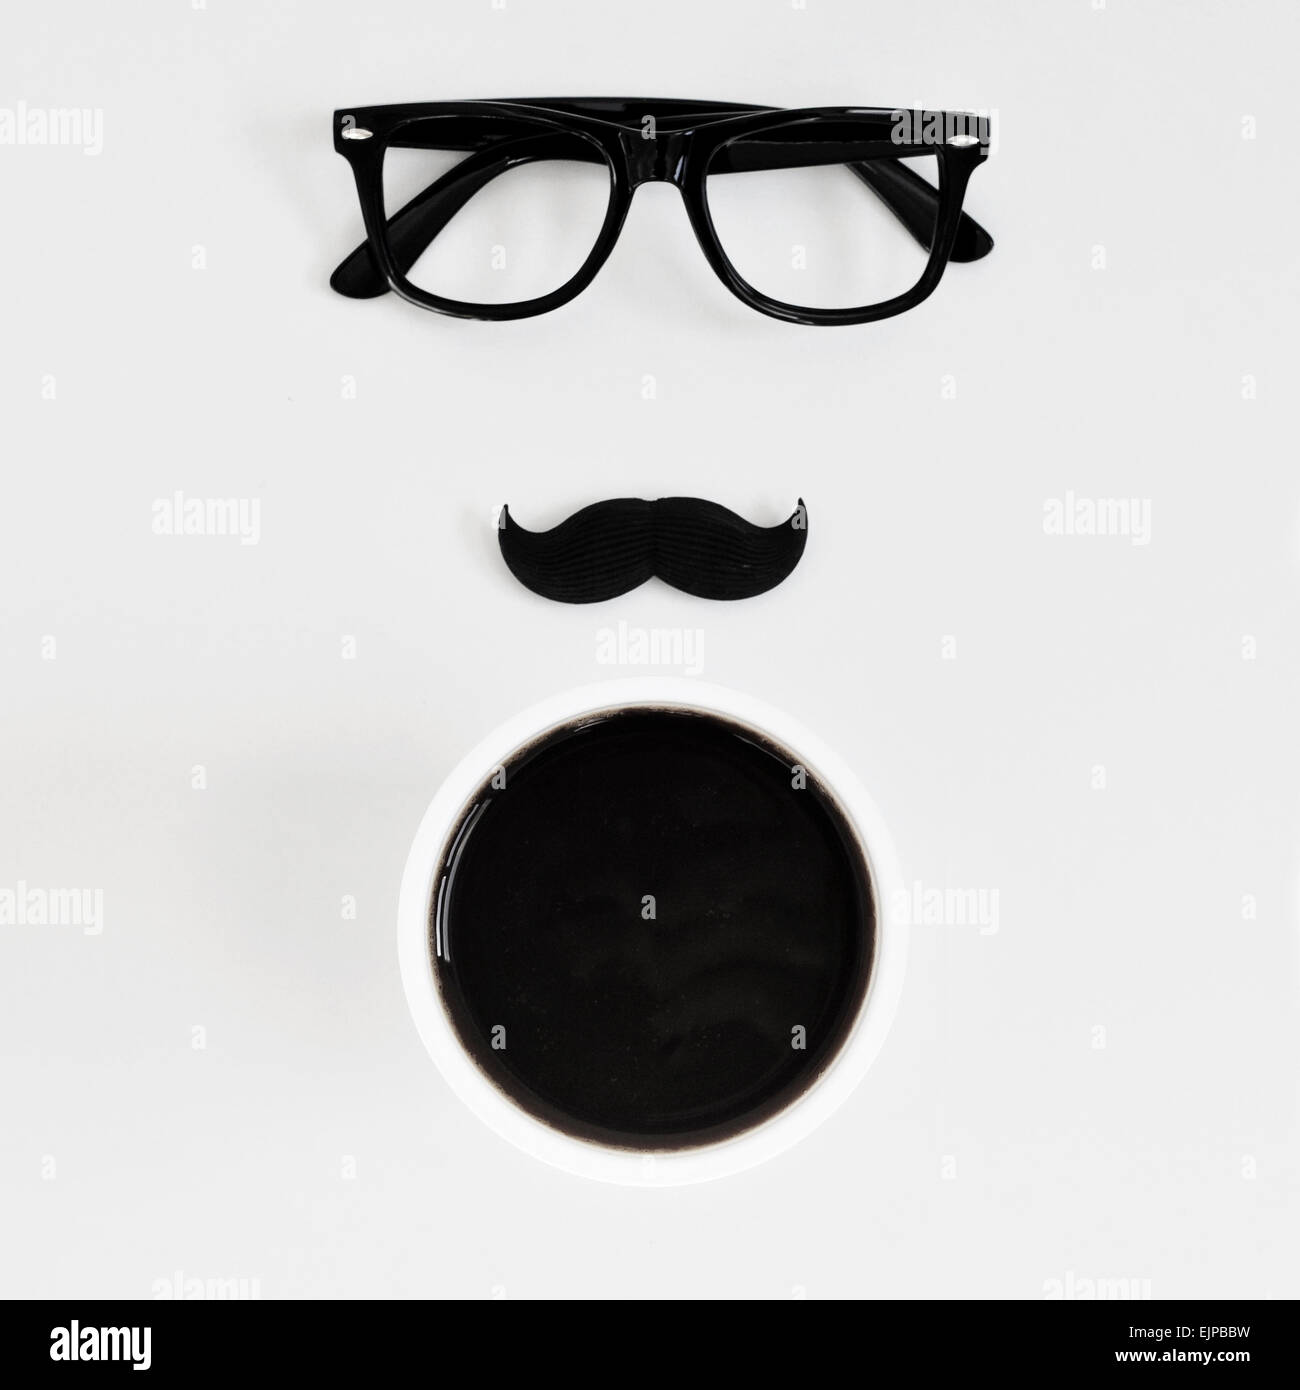 Disparo de alto ángulo de un cuadro blanco con un par de lentes de montura de plástico negro, un bigote Imagen De Stock